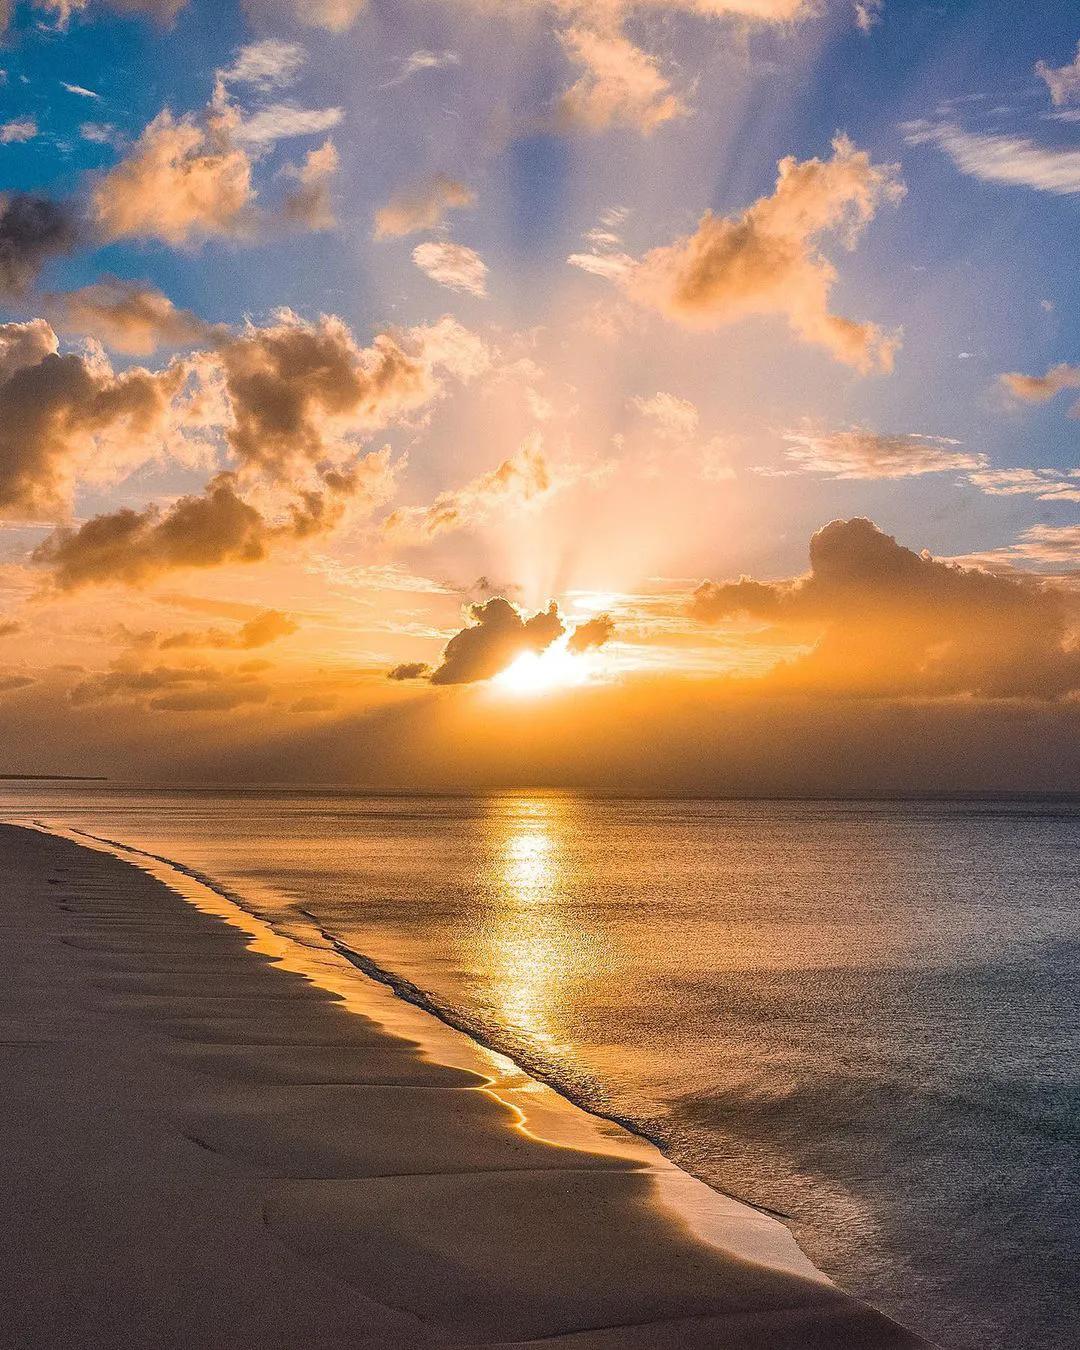 日落黄昏时刻,天空太美了